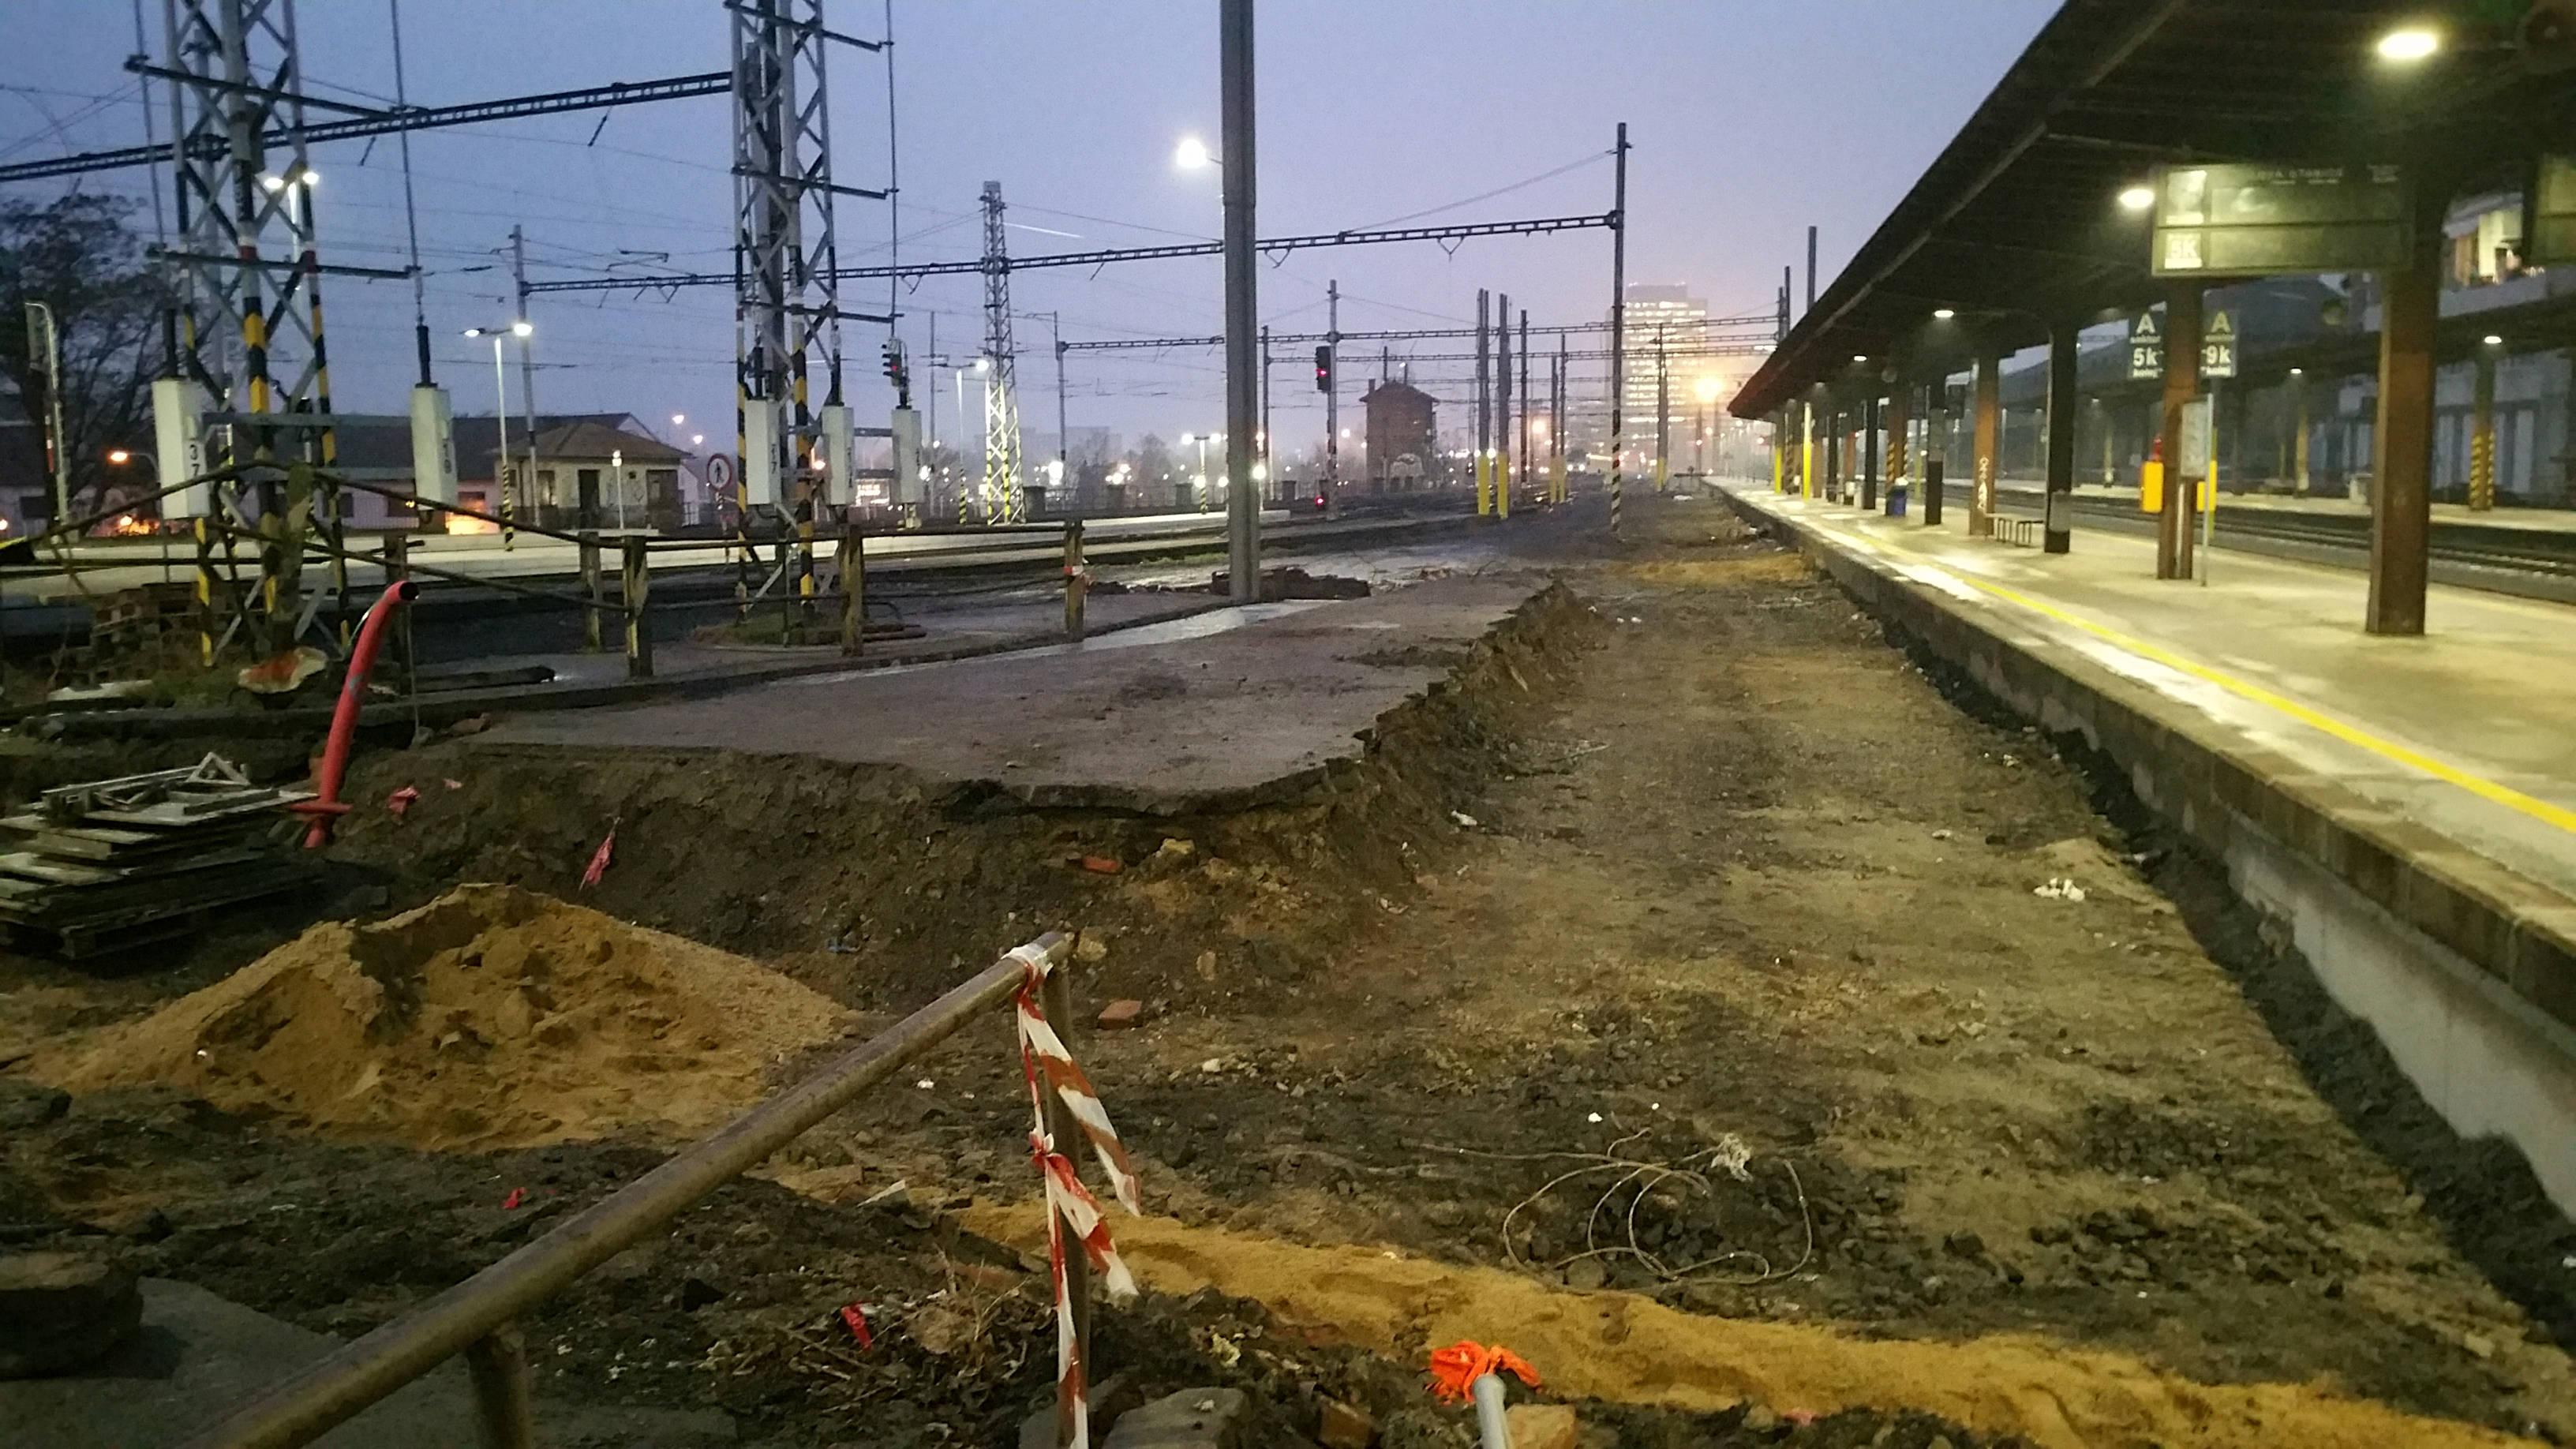 Část kolejí a nástupiště směrem k poště byla vytrhána. Uvidíme jaký bude výsledek, ještě v pátek se tu intenzivně pracovalo